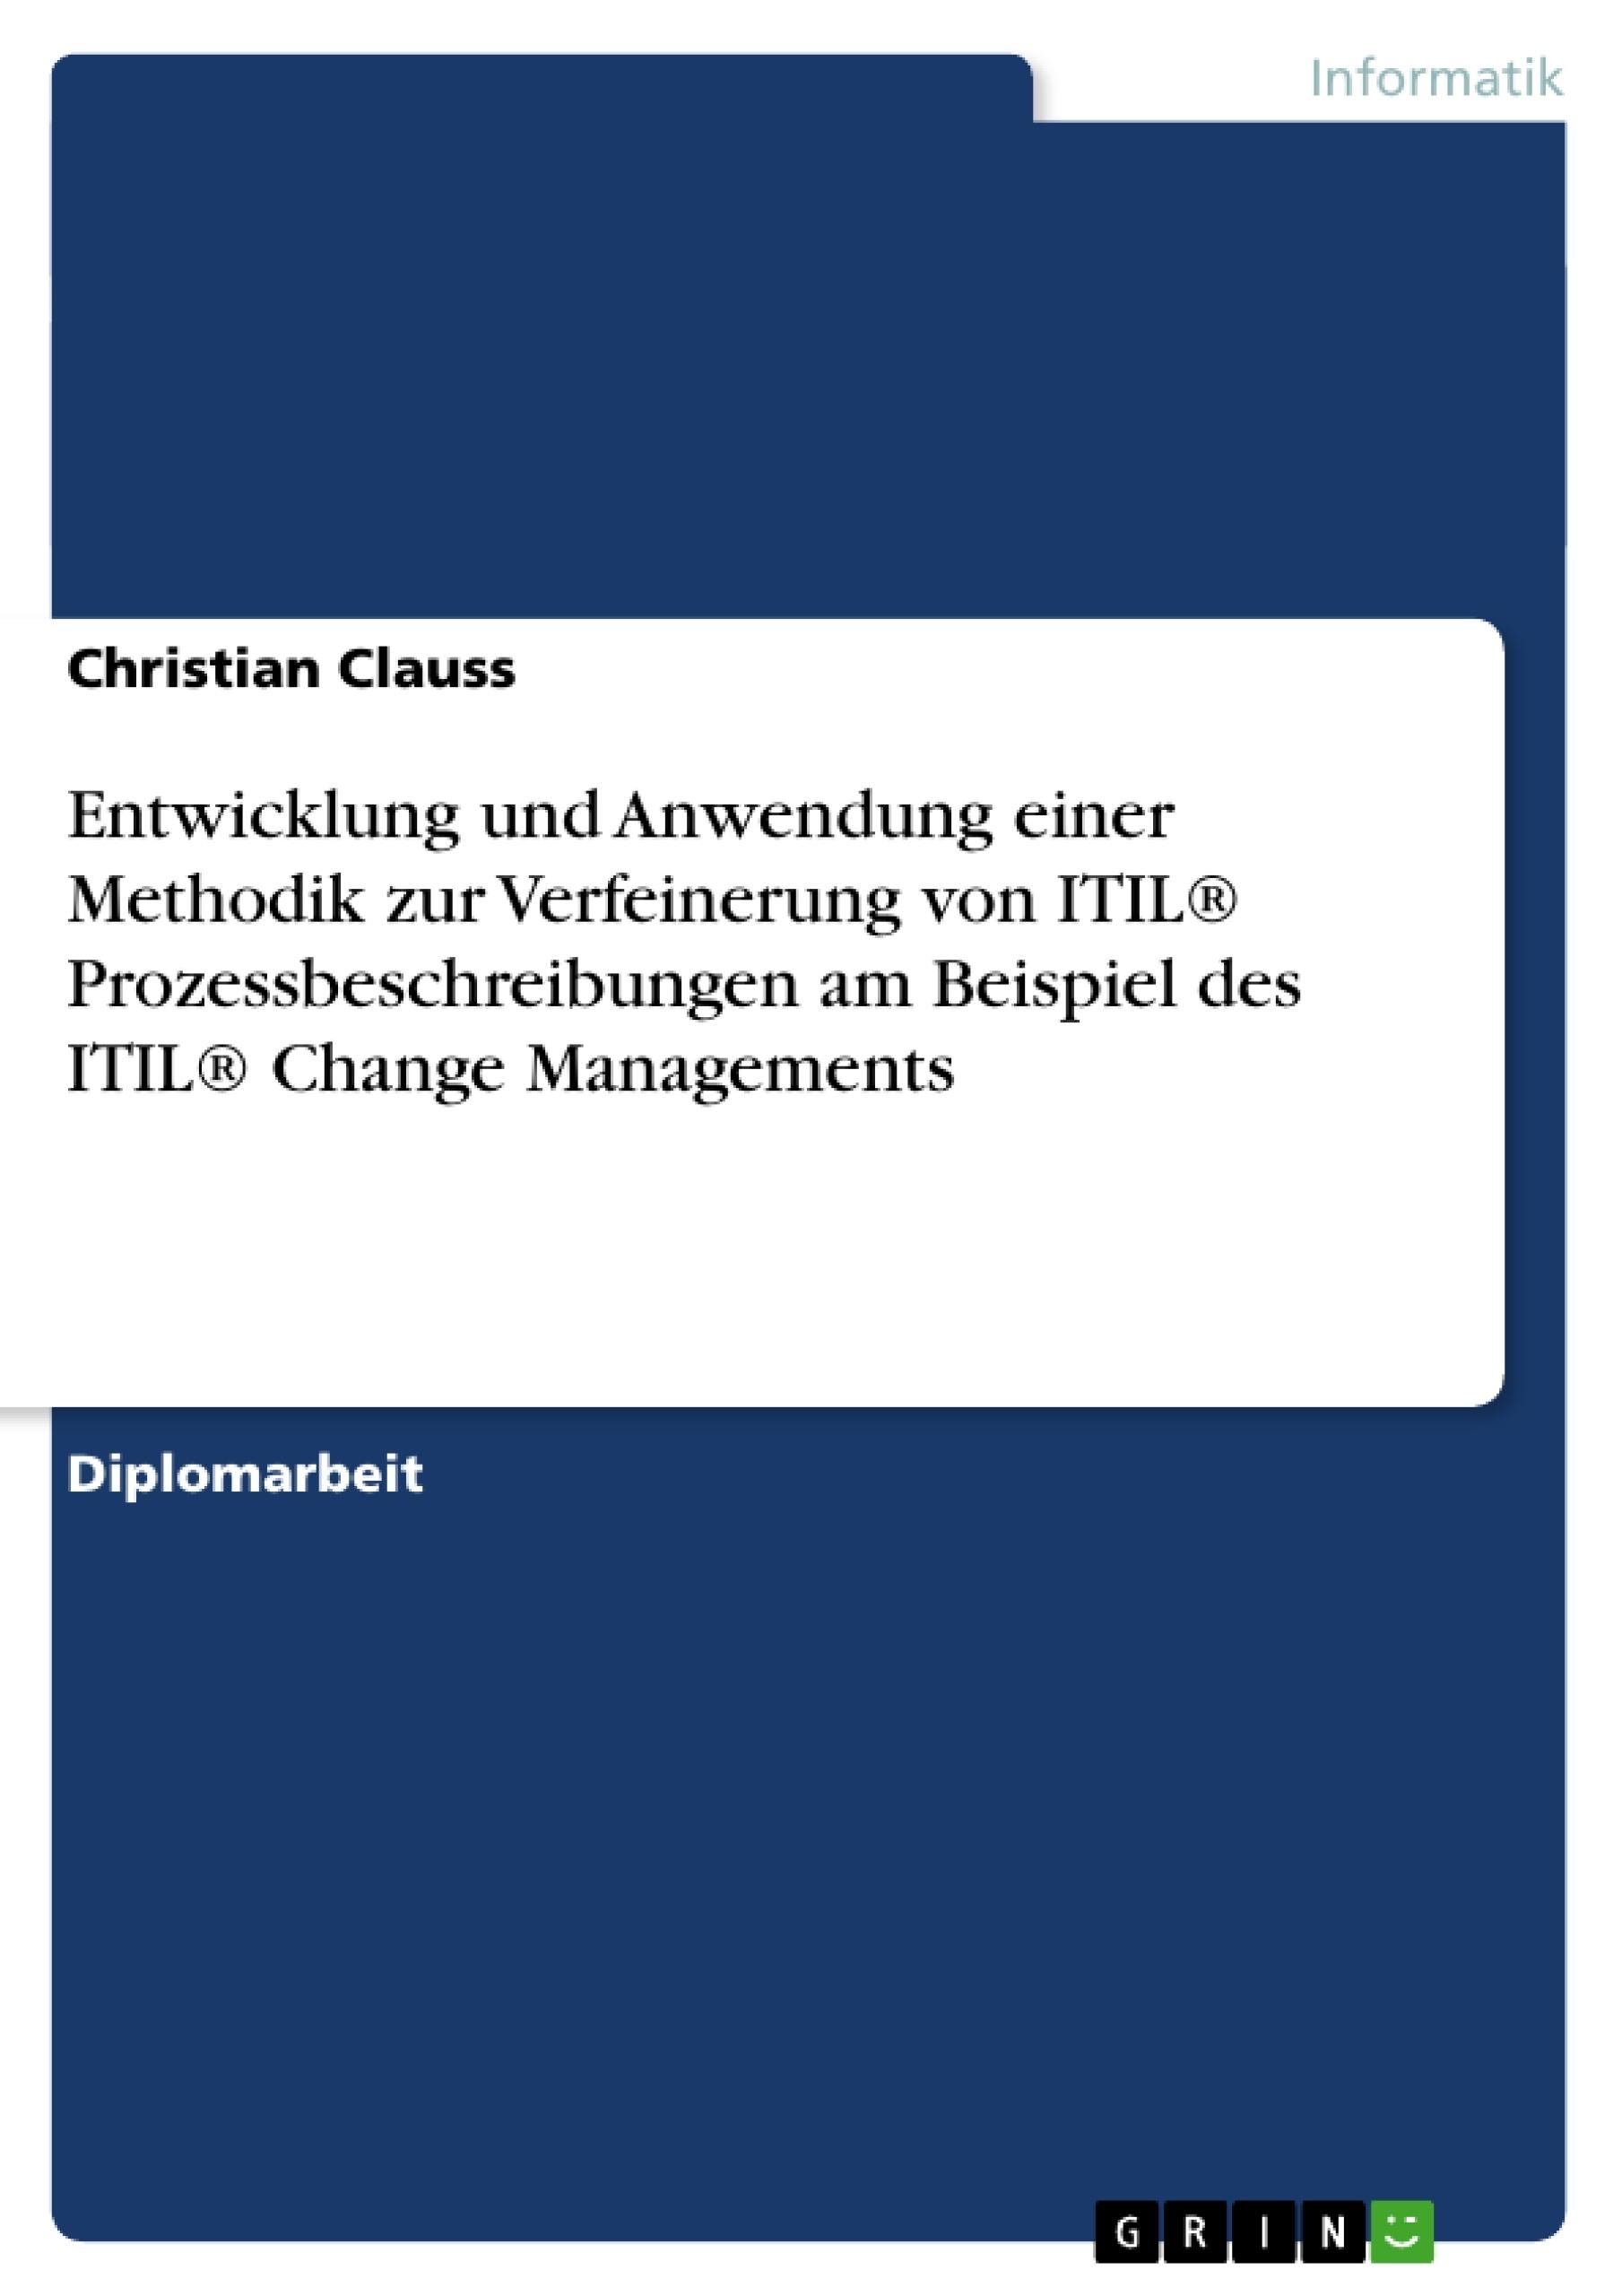 Titel: Entwicklung und Anwendung einer Methodik zur Verfeinerung von ITIL® Prozessbeschreibungen am Beispiel des ITIL® Change Managements